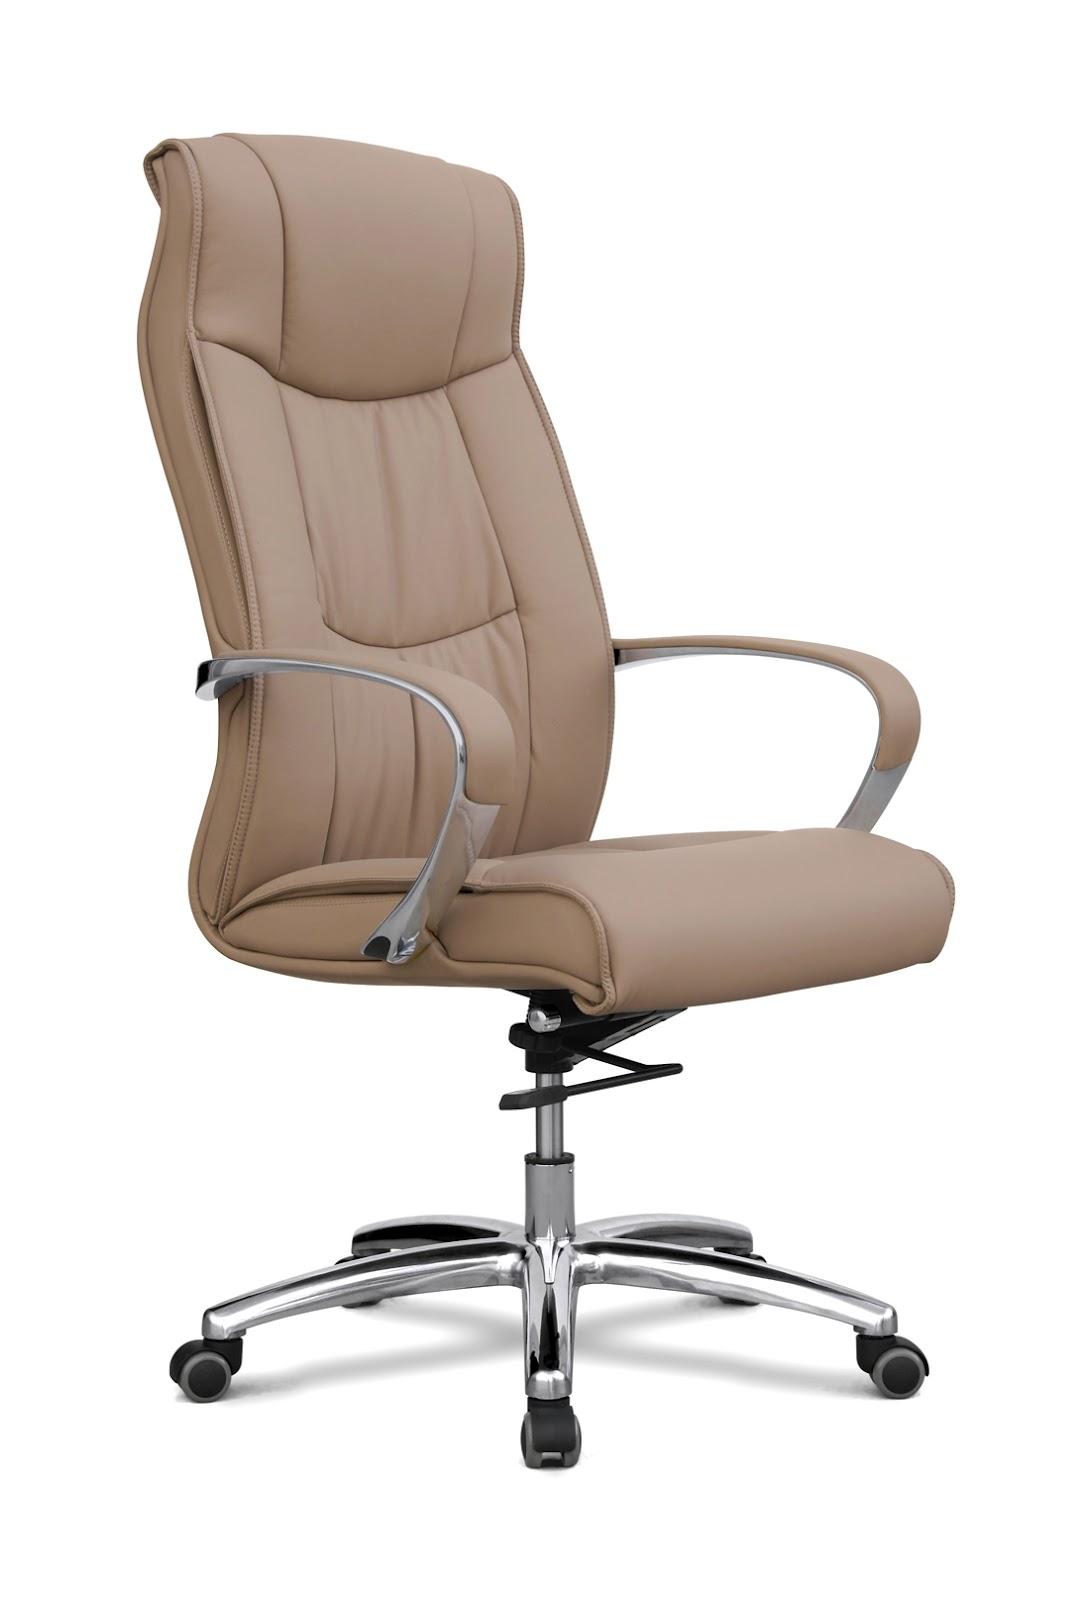 ARTIX FORUM Sillas y sillones para despachos